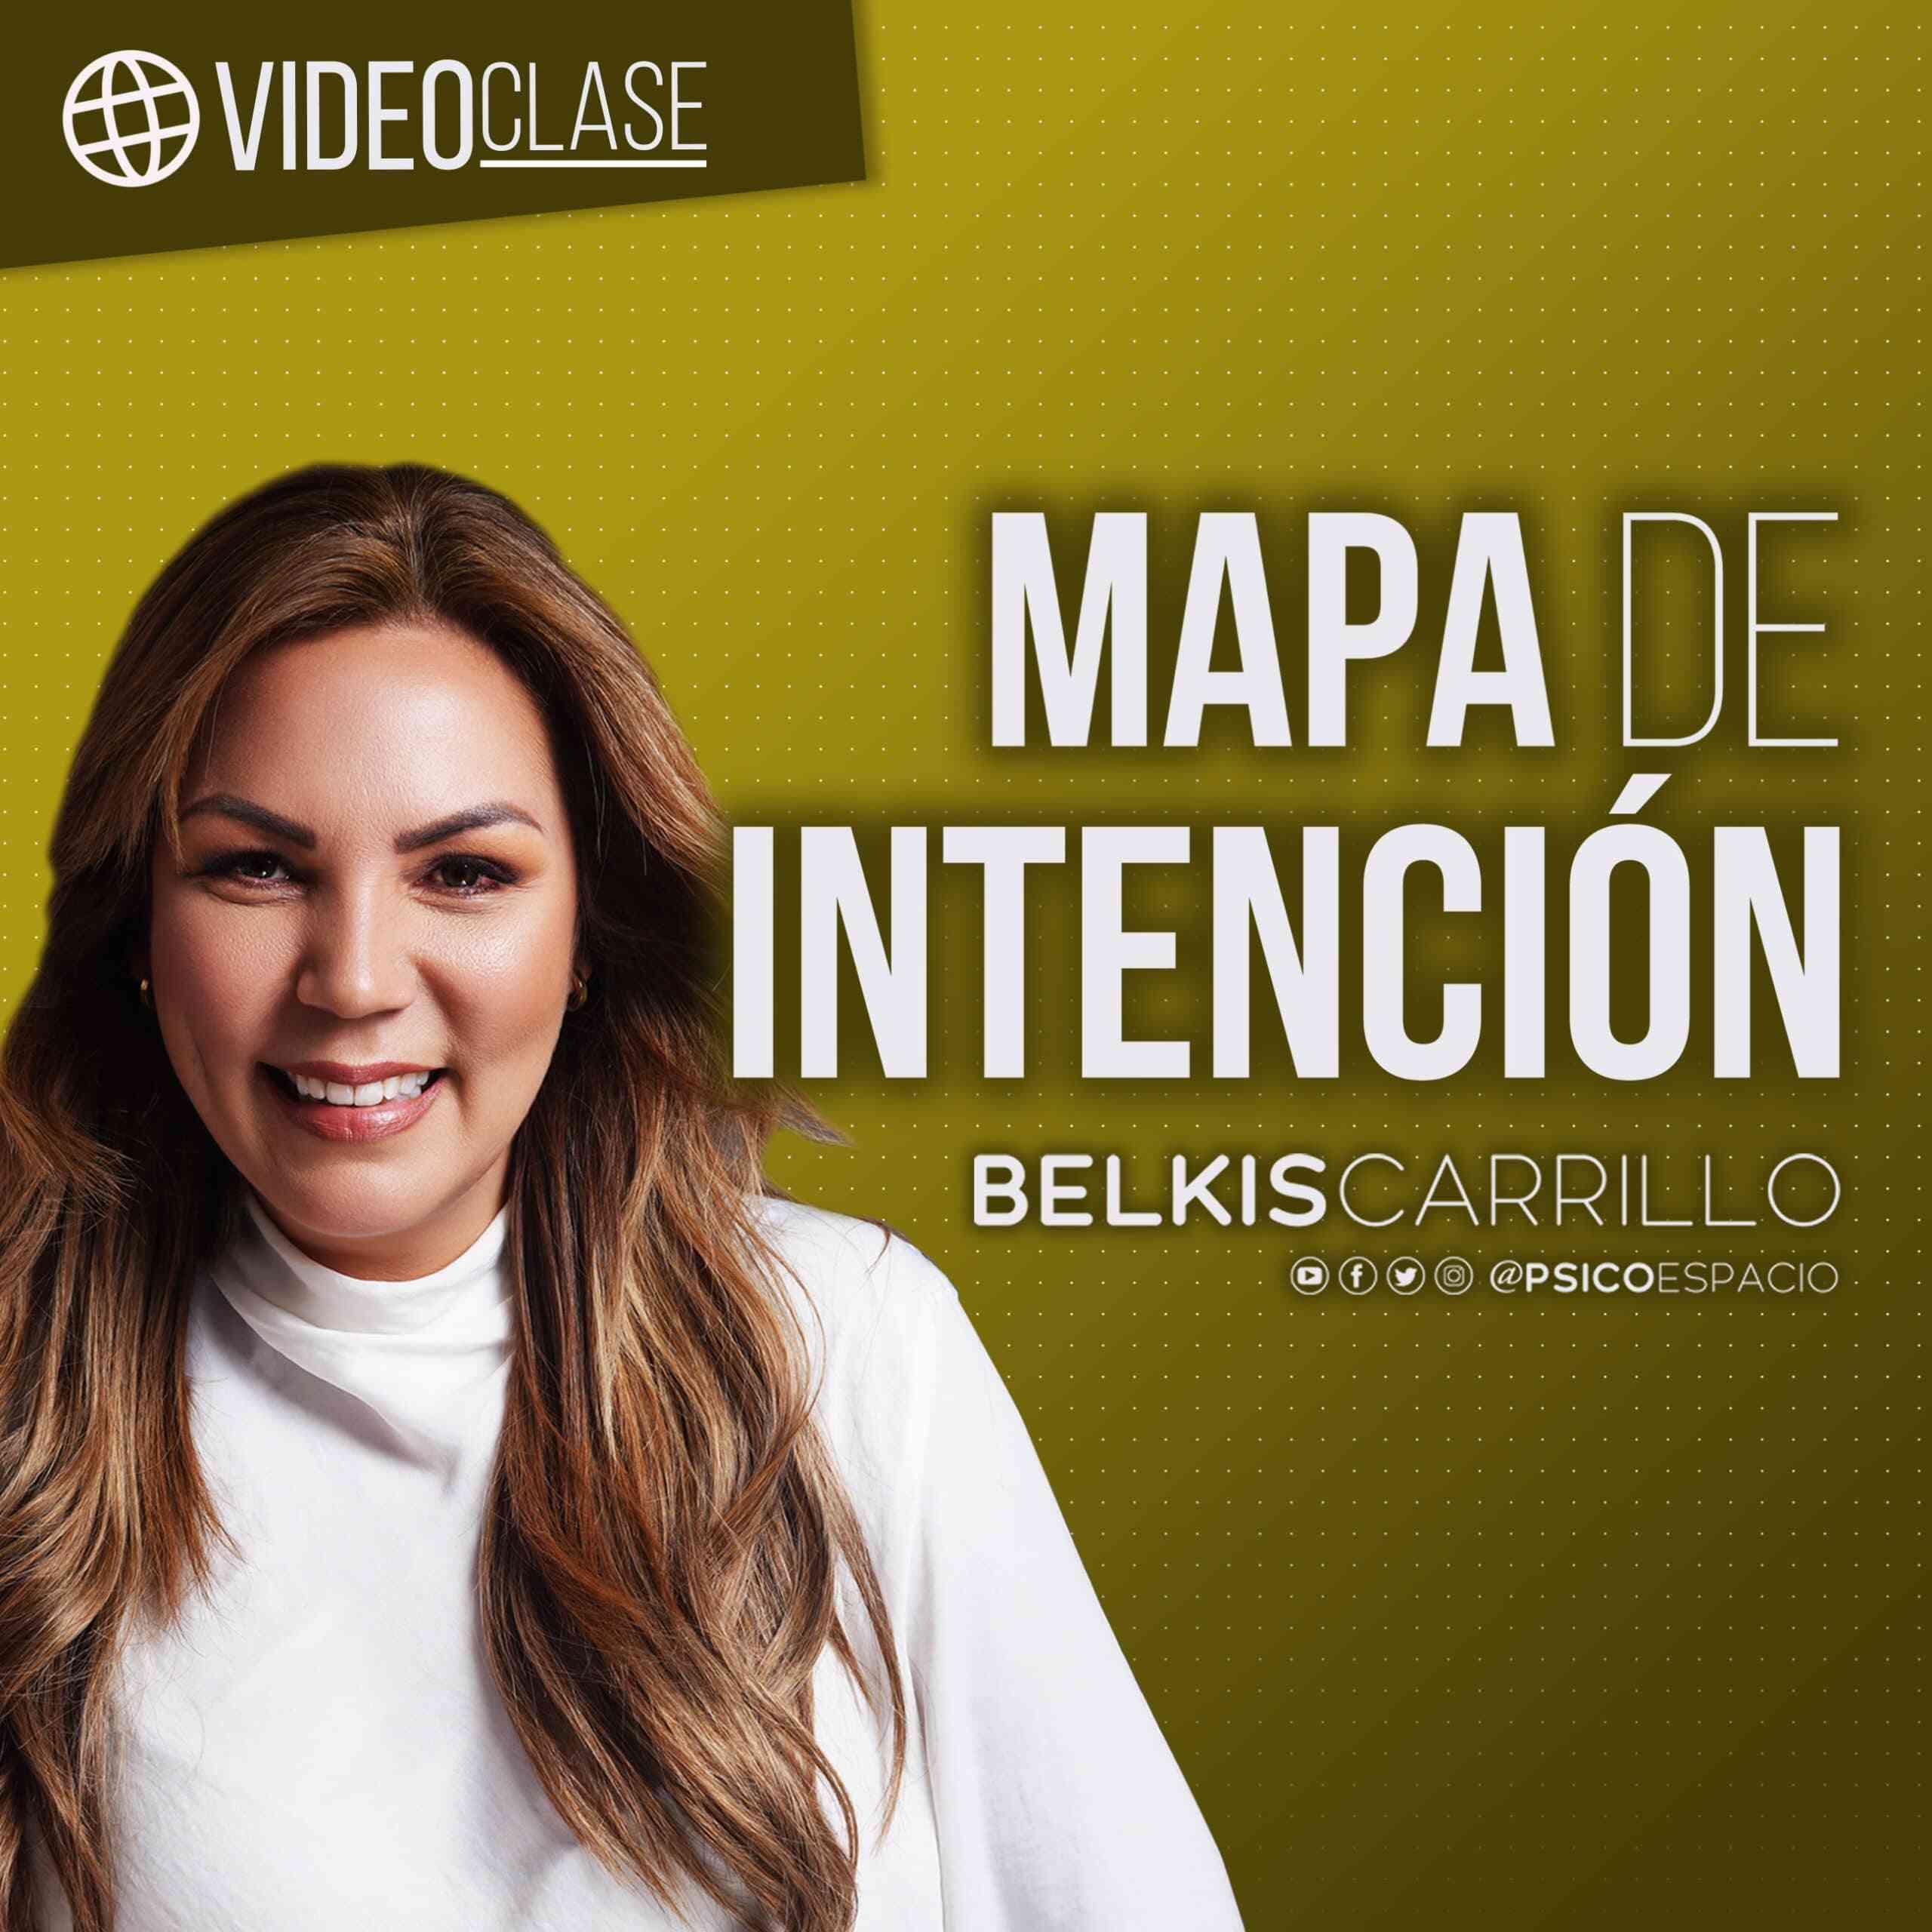 Videoclase - Mapa de intención